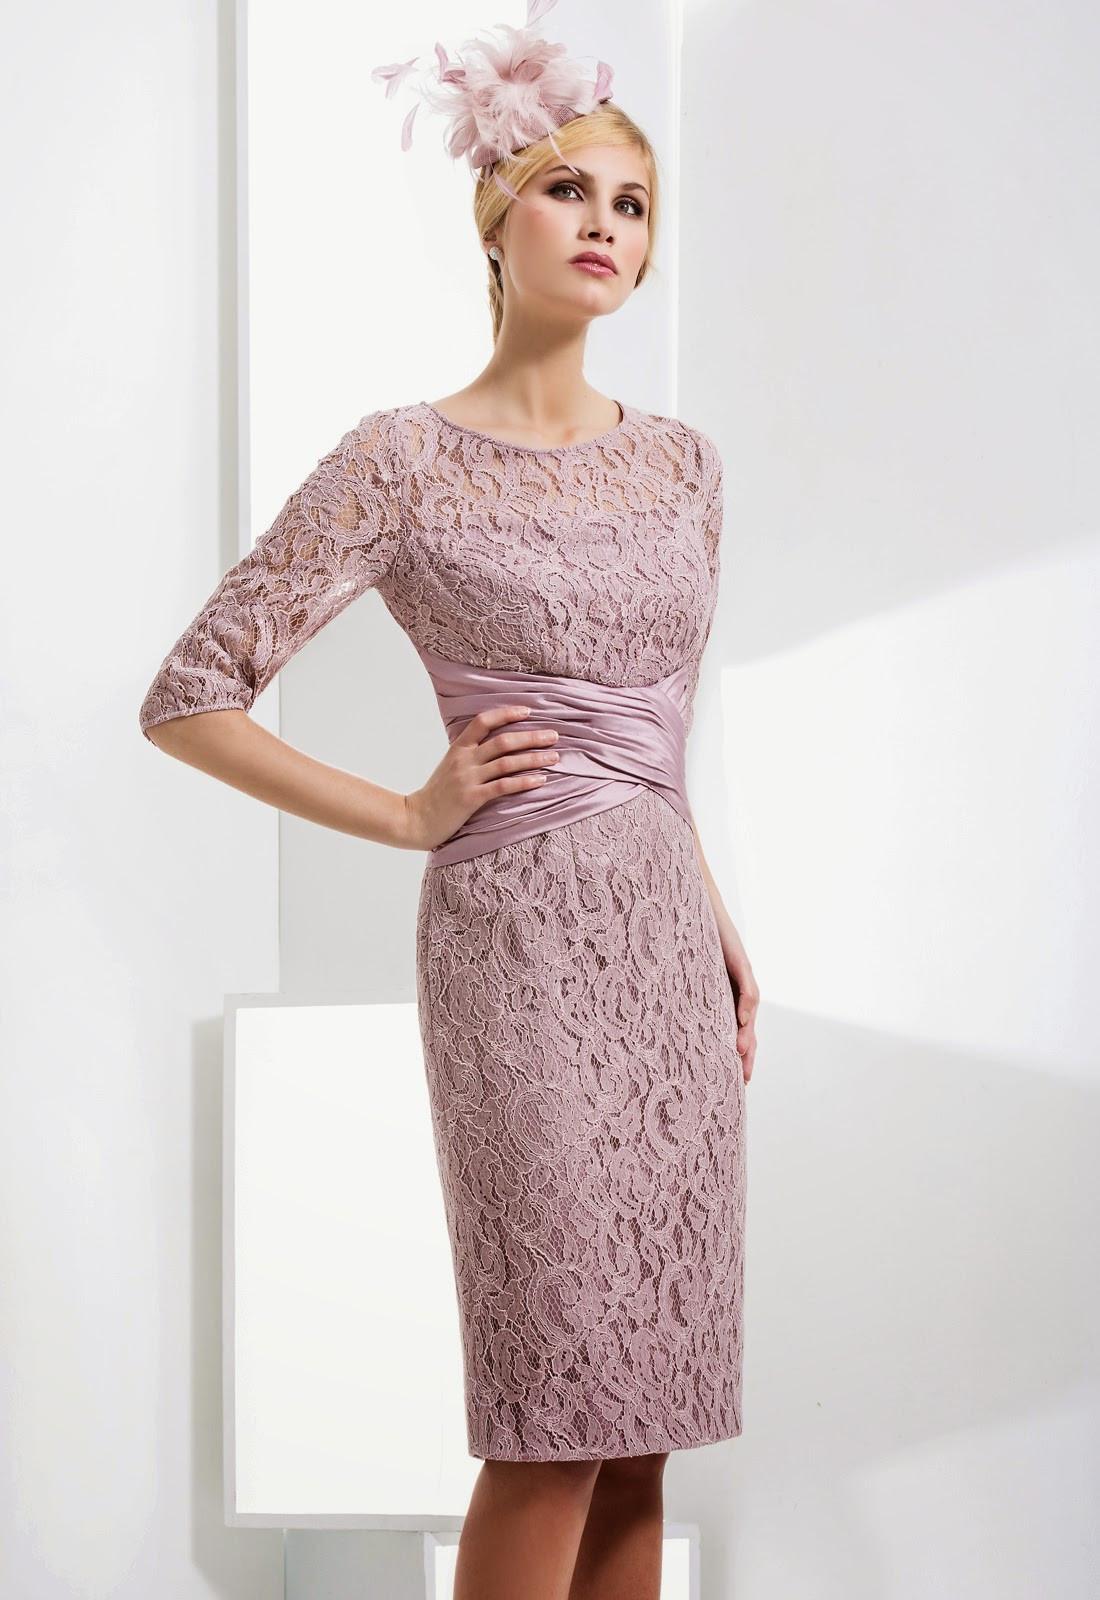 Kleider Brautmutter Hochzeit  Kleider zur hochzeit brautmutter – Dein neuer Kleiderfotoblog